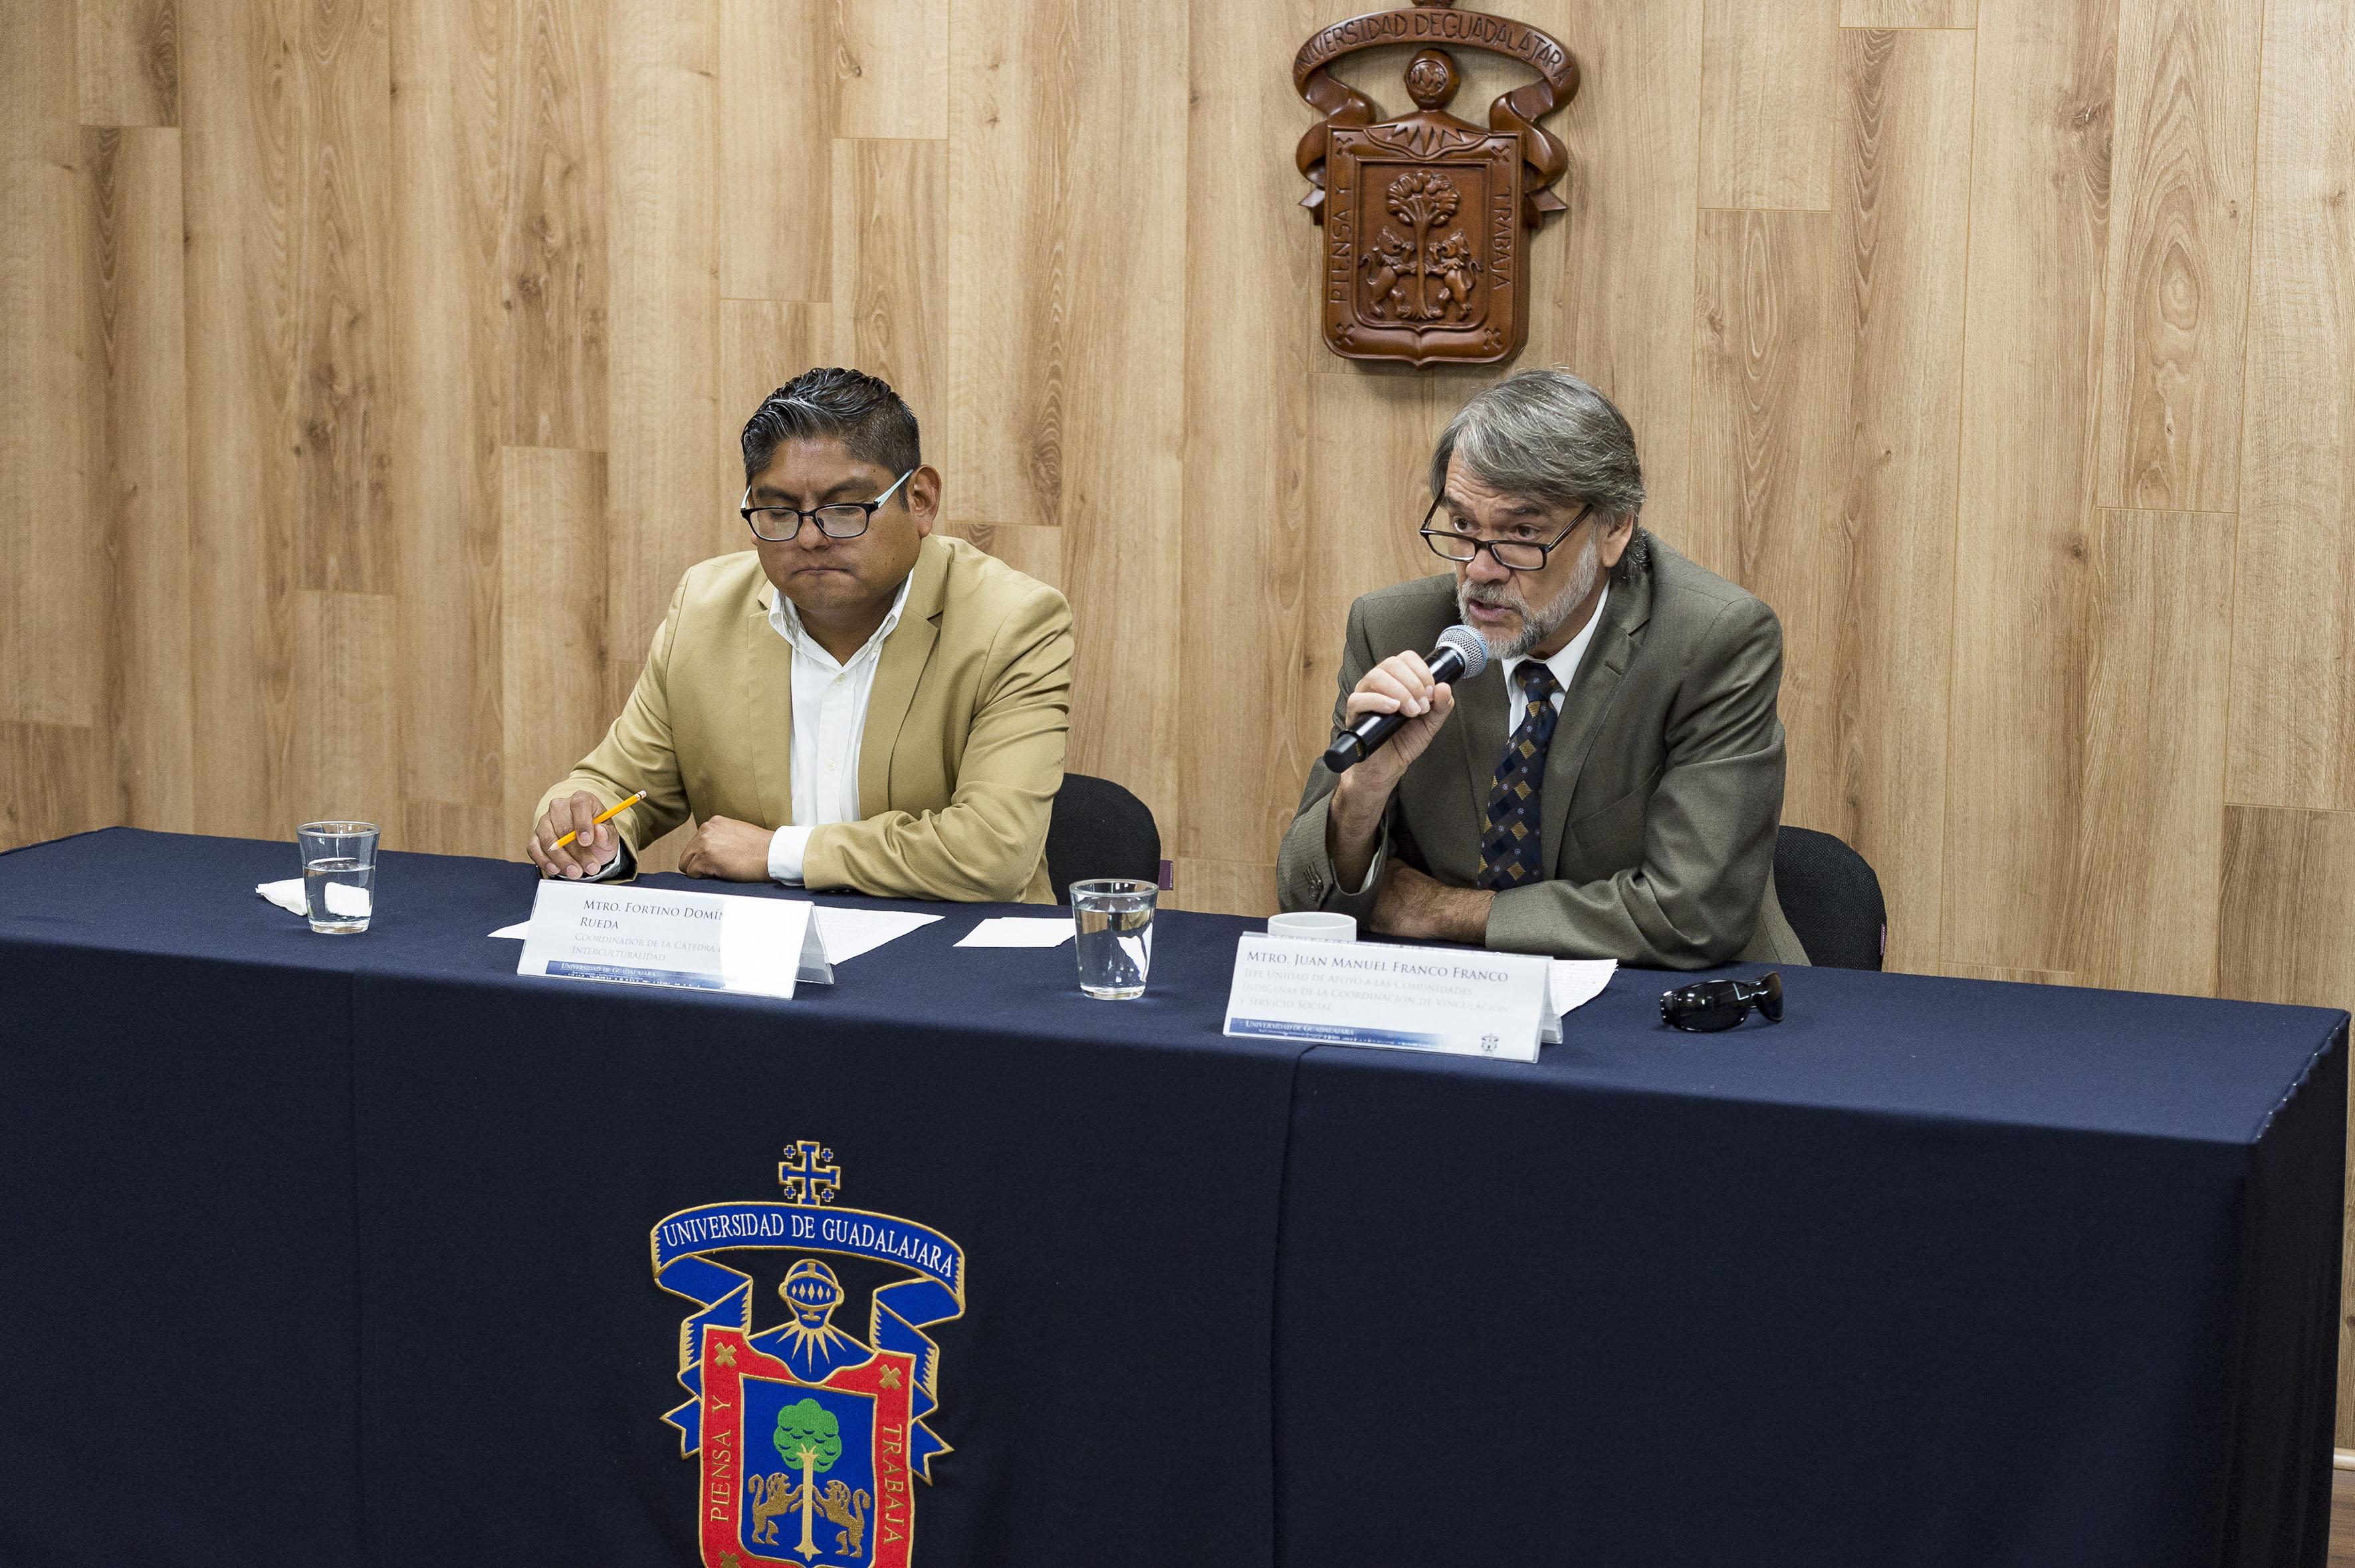 Jefe de la UACI, maestro Juan Manuel Franco Franco, participando en rueda de prensa haciendo uso de la palabra